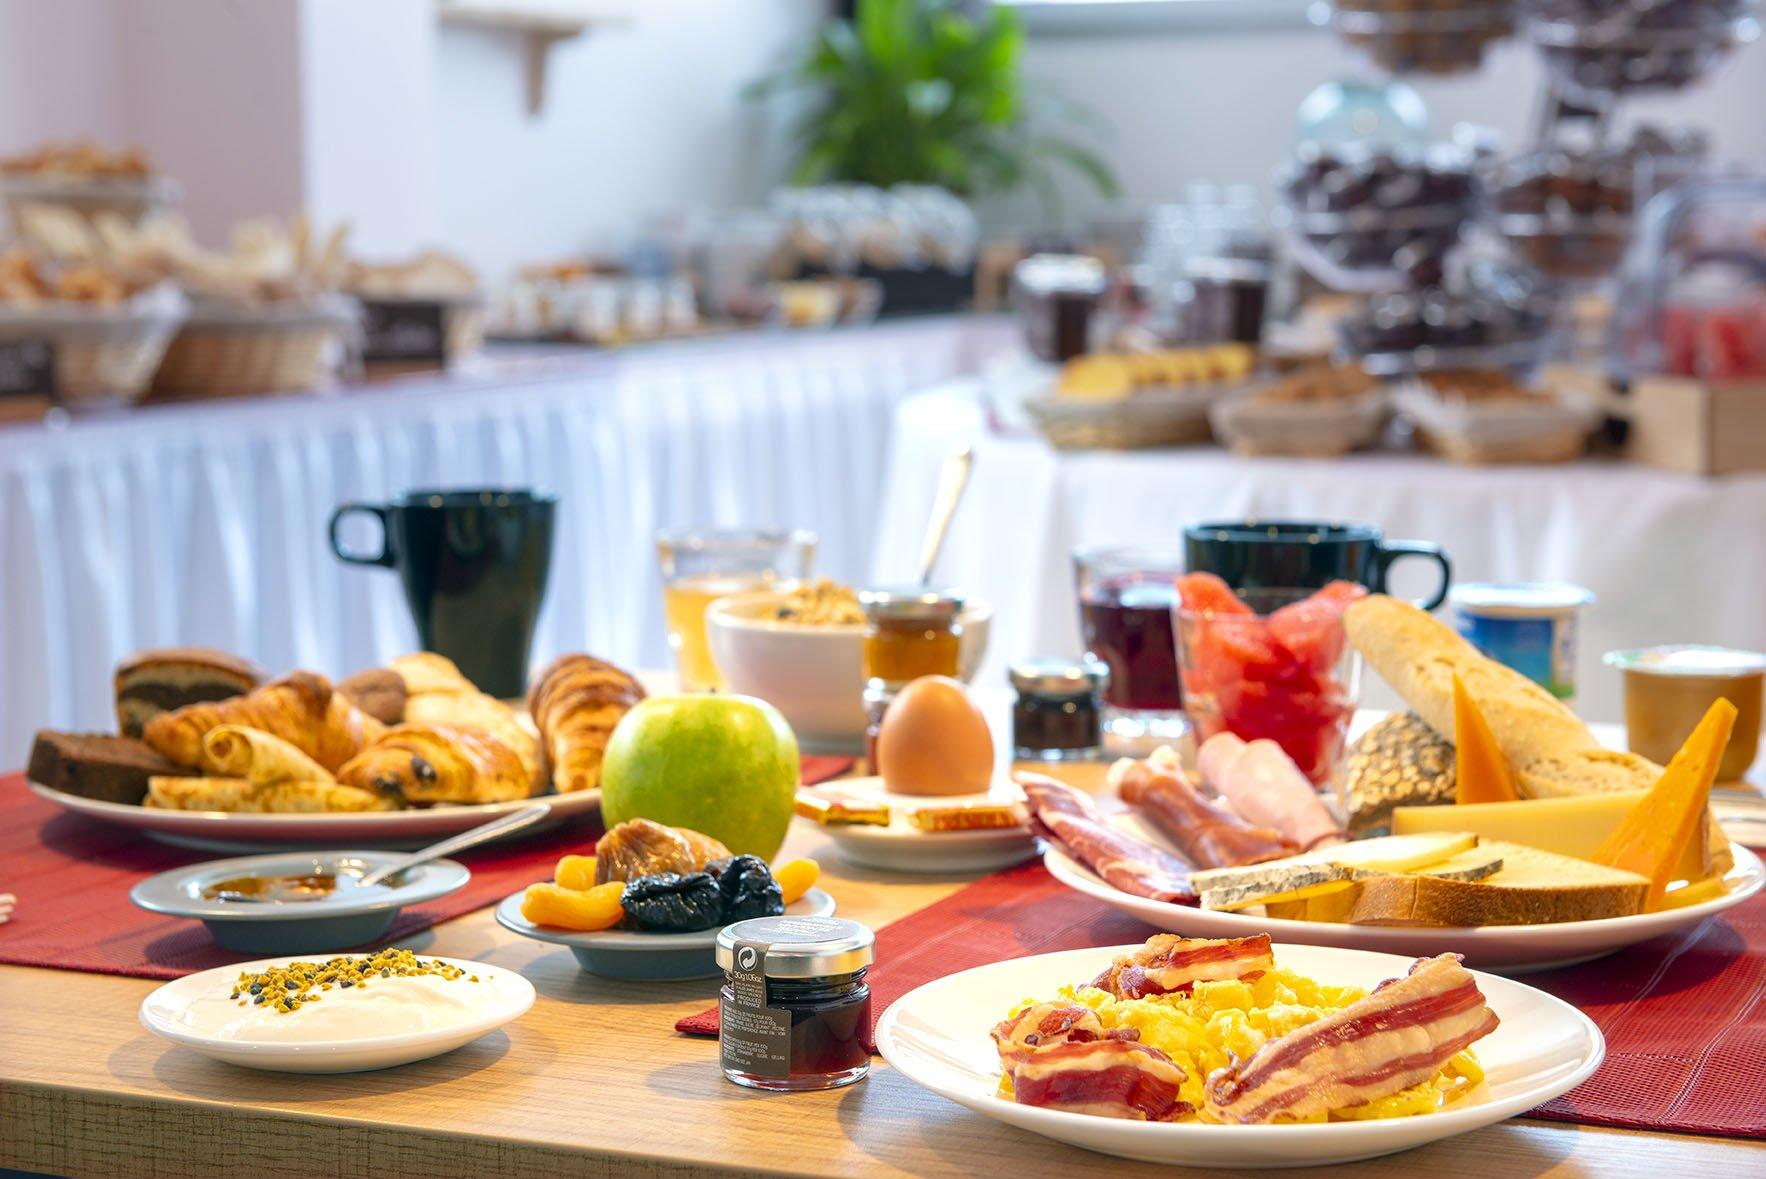 Petit-déjeuner buffet du Green des Impressionnistes : fruits frais, secs, viennoiseries, fromages, charcuteries, etc.